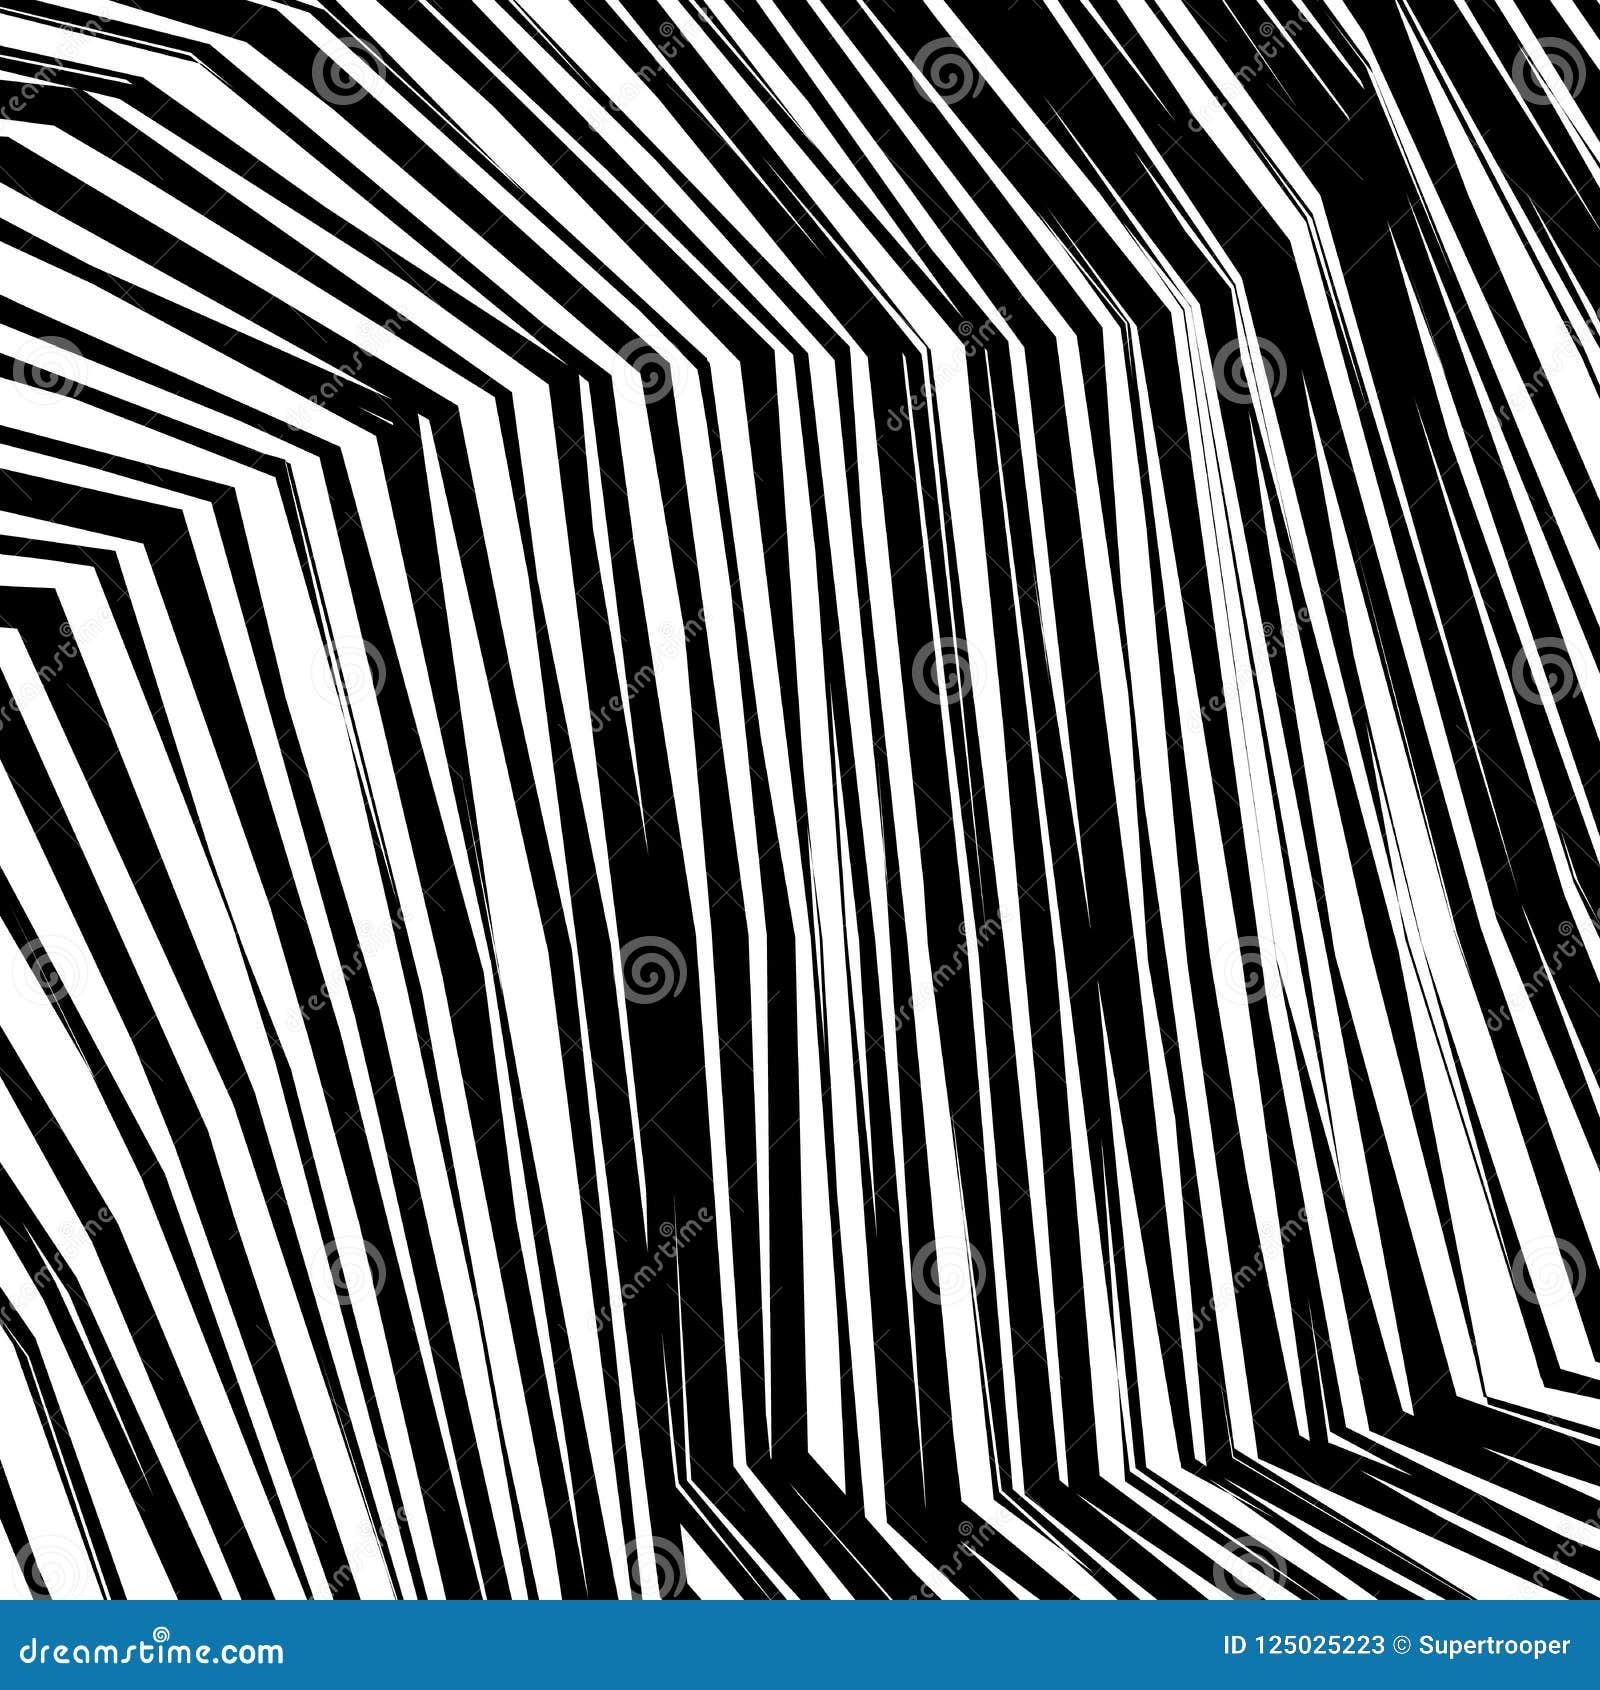 Linhas preto e branco entortadas sumário fundo